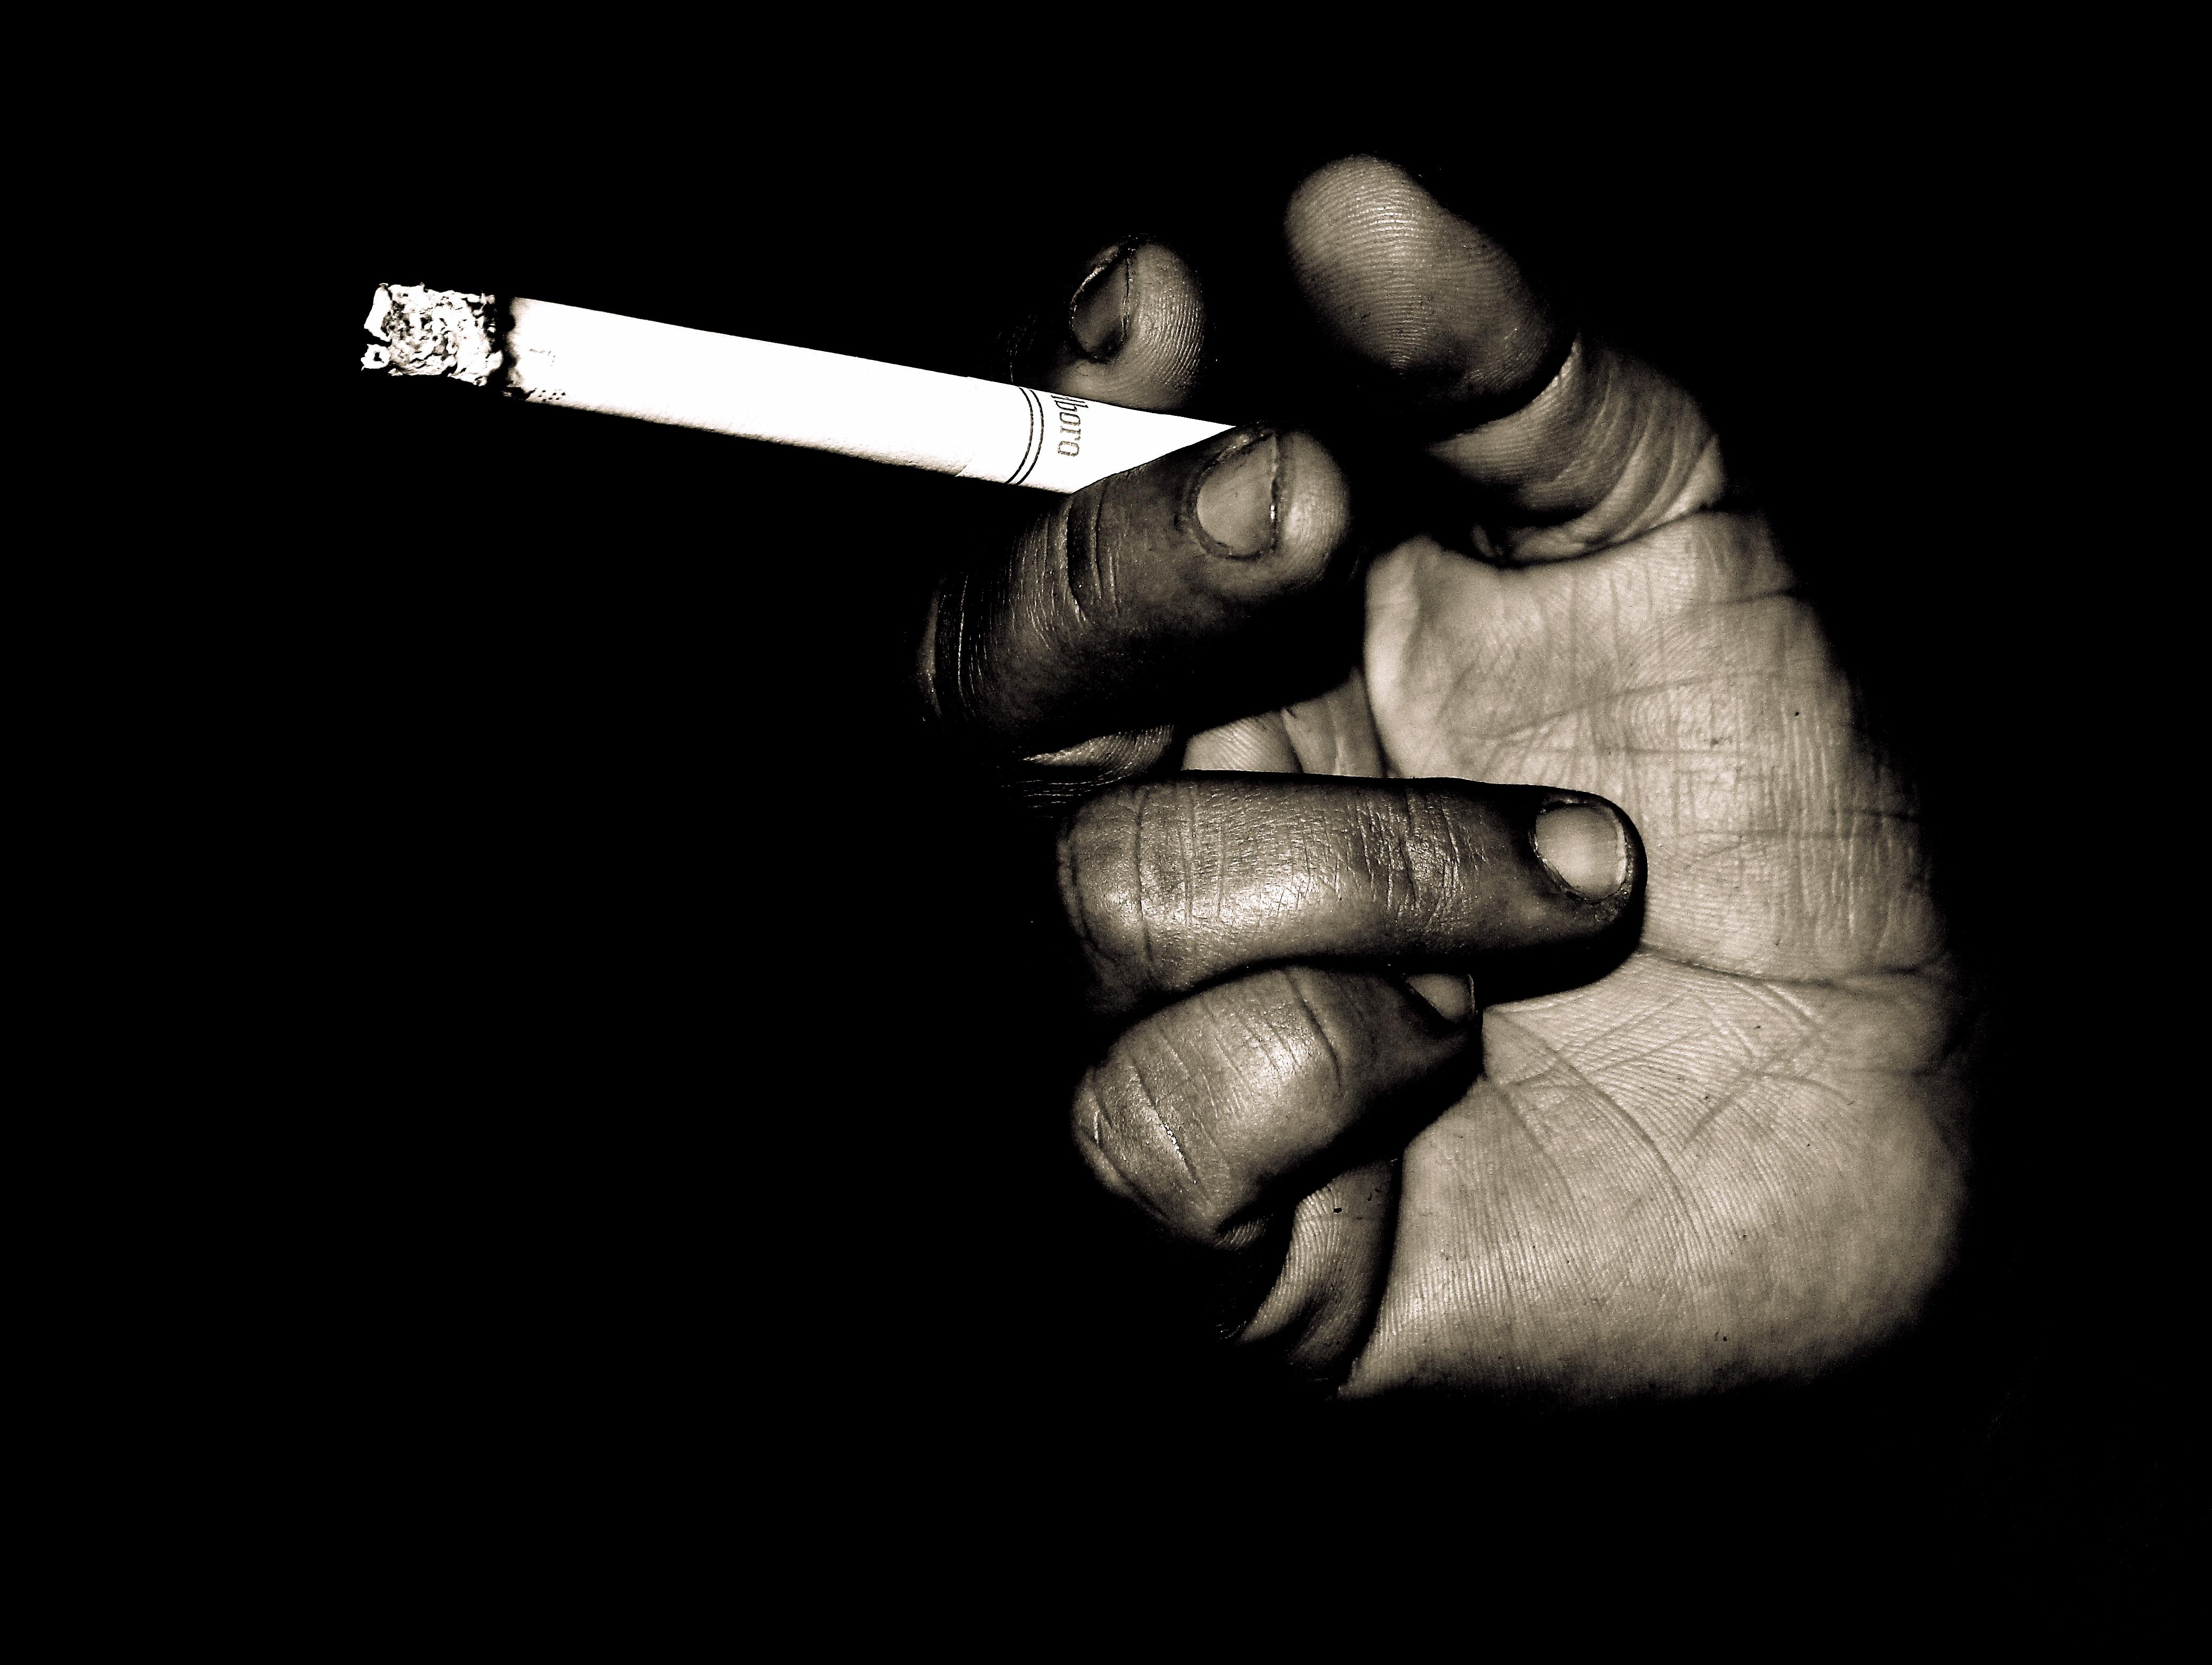 курение черные картинки купить кухонный гарнитур